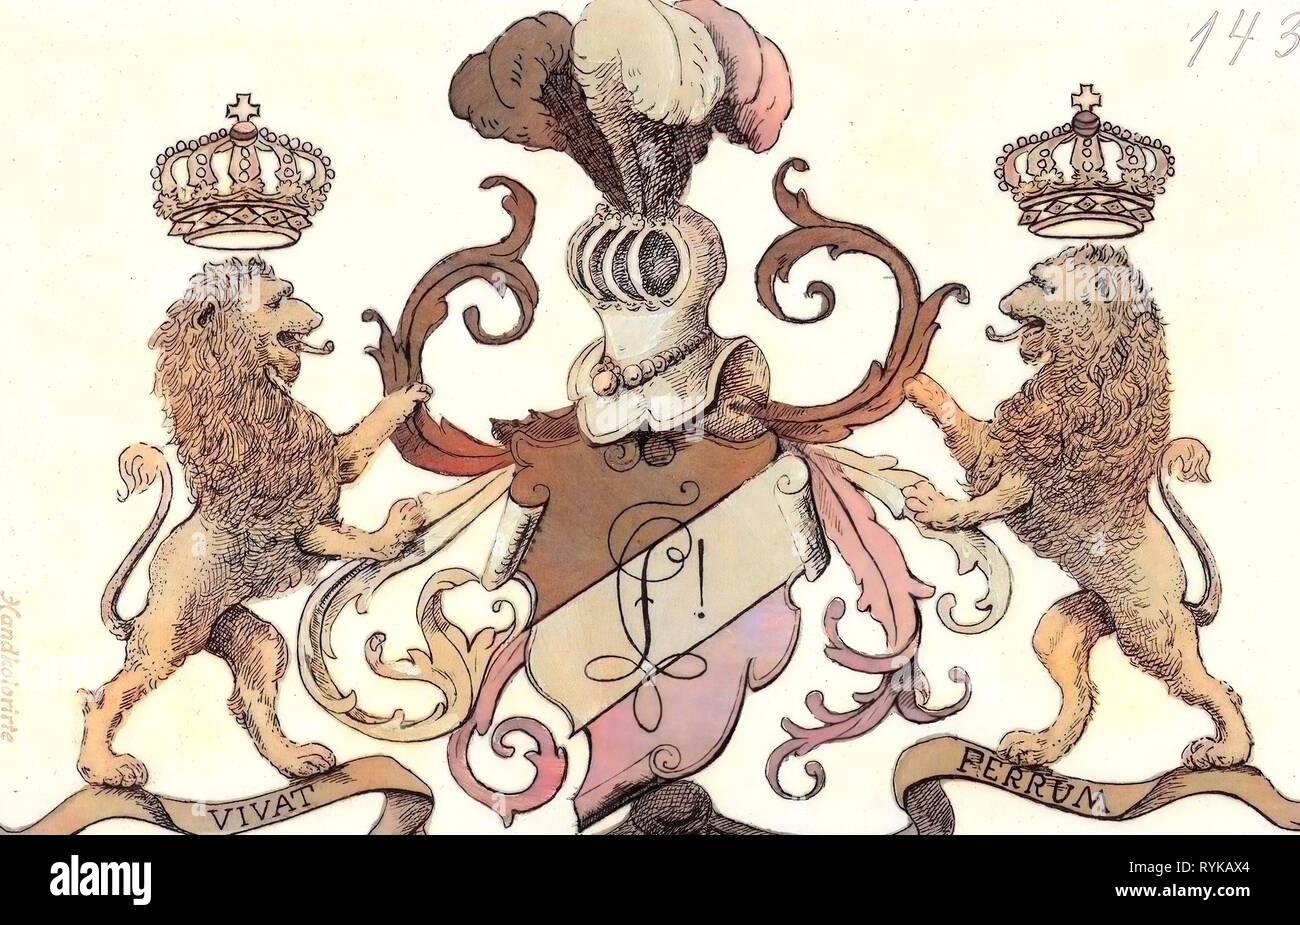 Les peintures, les devises sur des parchemins, de l'Armée de Saxe, Tierced par bend sinister shields, d'argent, de gueules, à l'île de sable en héraldique, 1900, Wappen Schützen Regiment, Allemagne Photo Stock